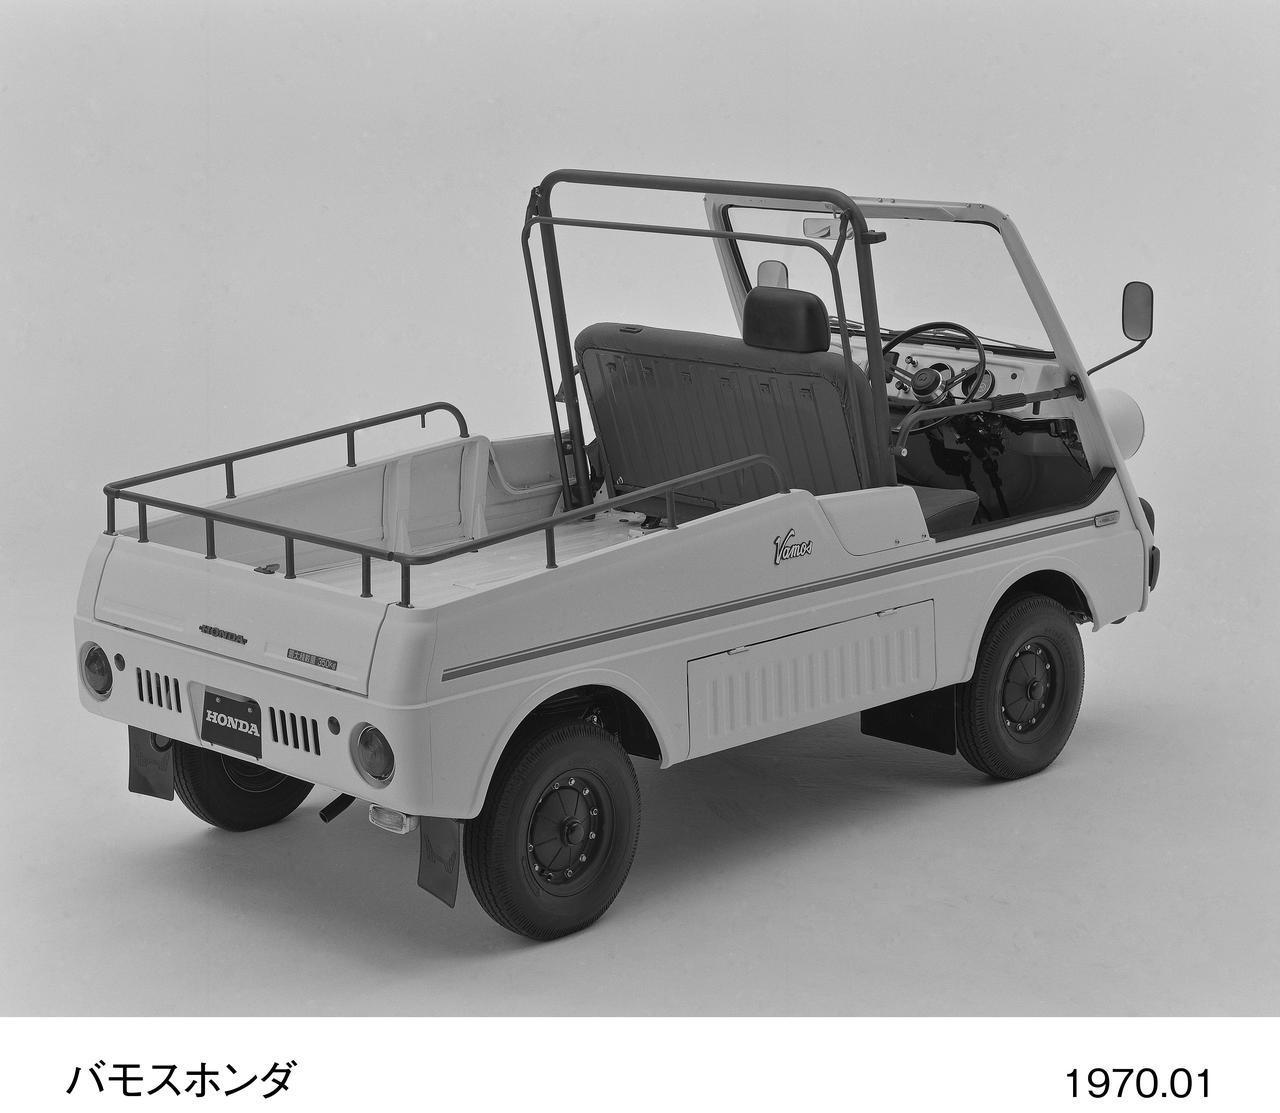 画像1: ユニークなオープン軽トラック、それがバモスホンダなのだ。【ホンダ偏愛主義vol.21】